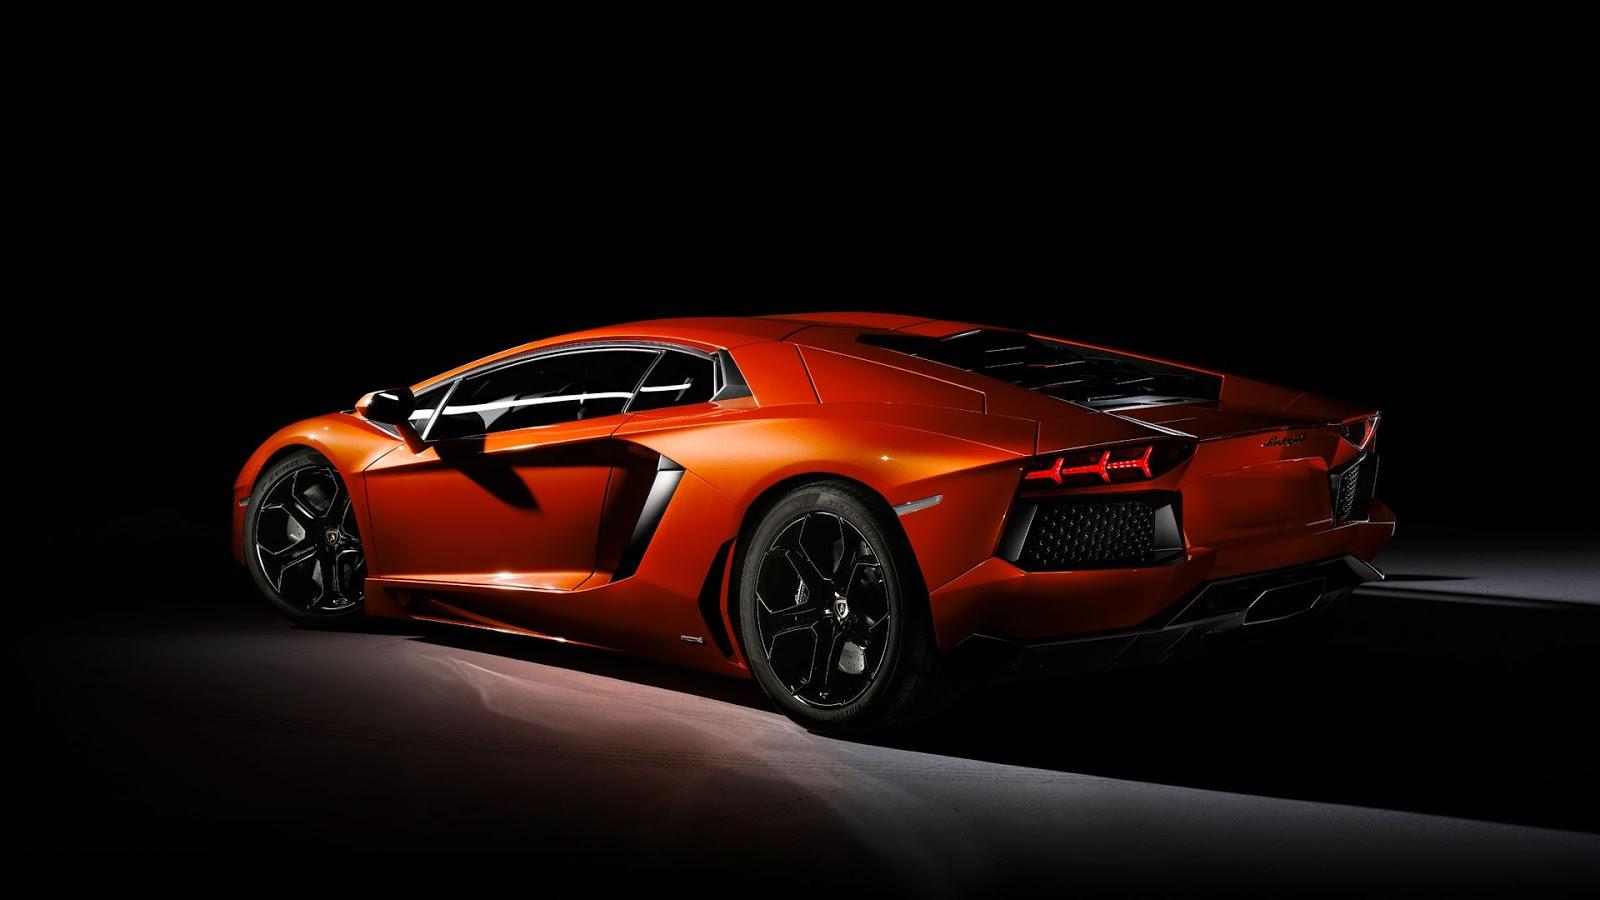 Luxury Lamborghini Cars: Lamborghini Aventador Wallpaper Hd